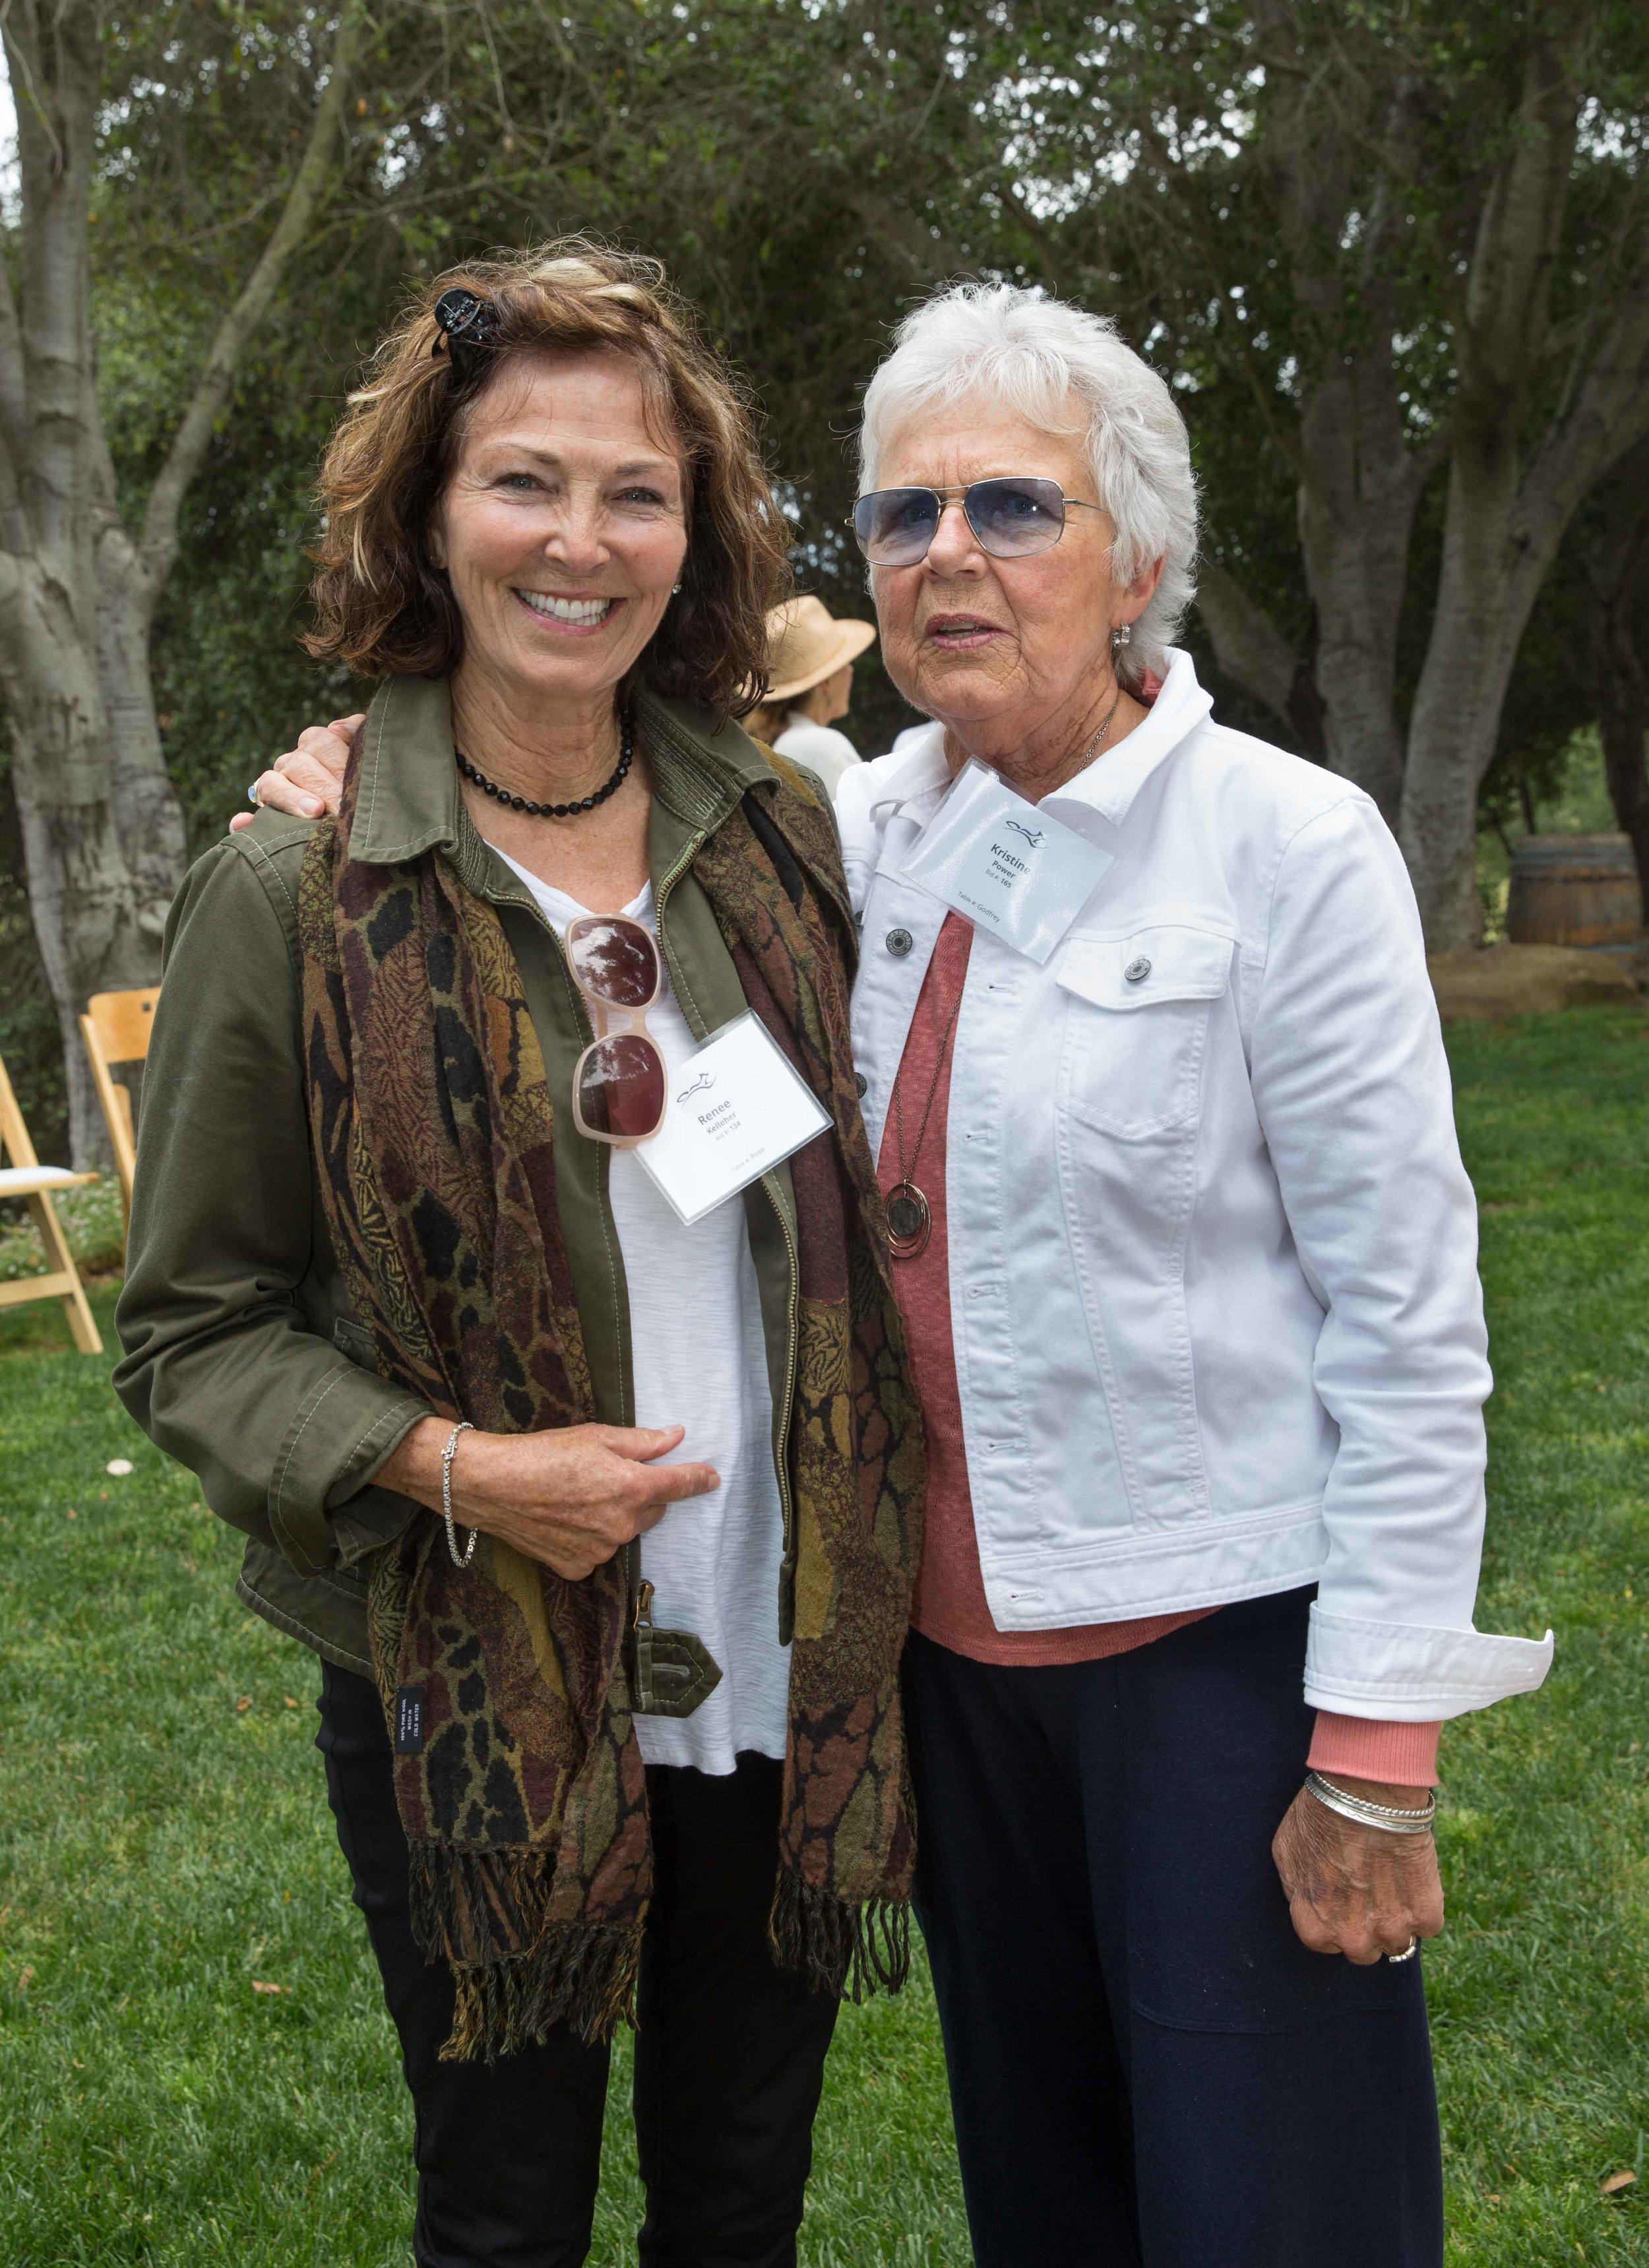 Kelleher Renee and Kristine Power, Board President